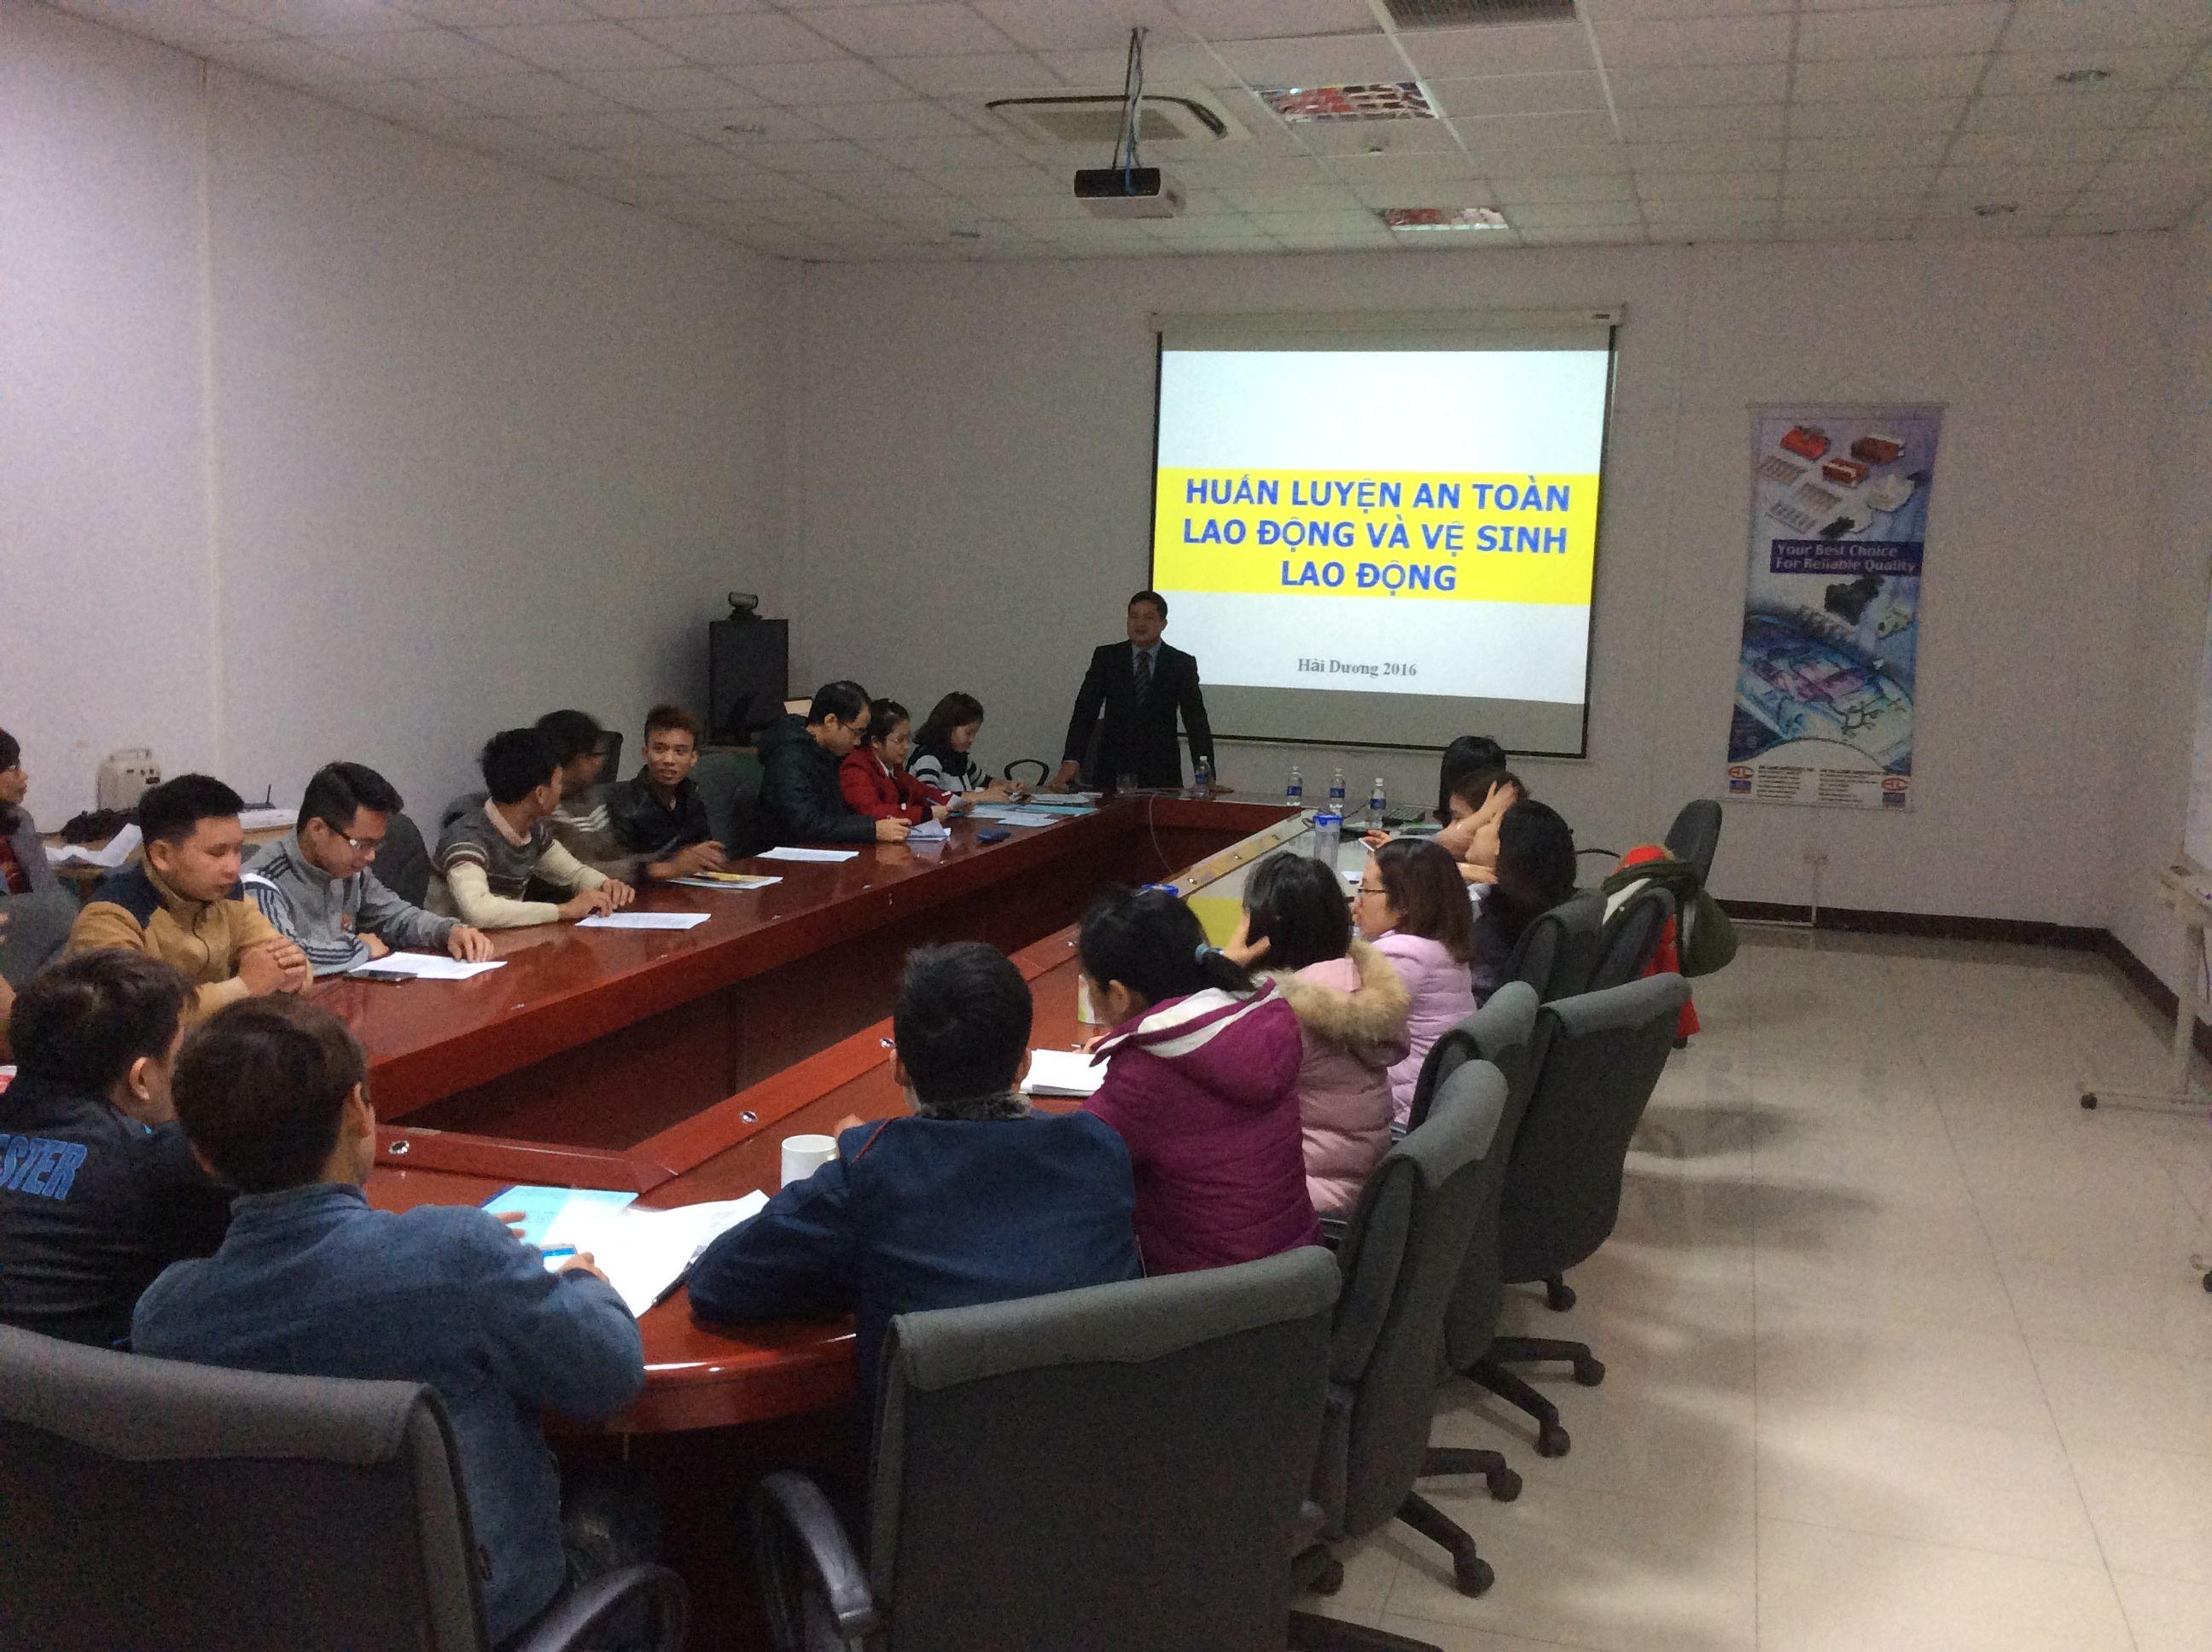 Huấn luyện an toàn lao động tại Hải Dương | An toàn lao động 2018